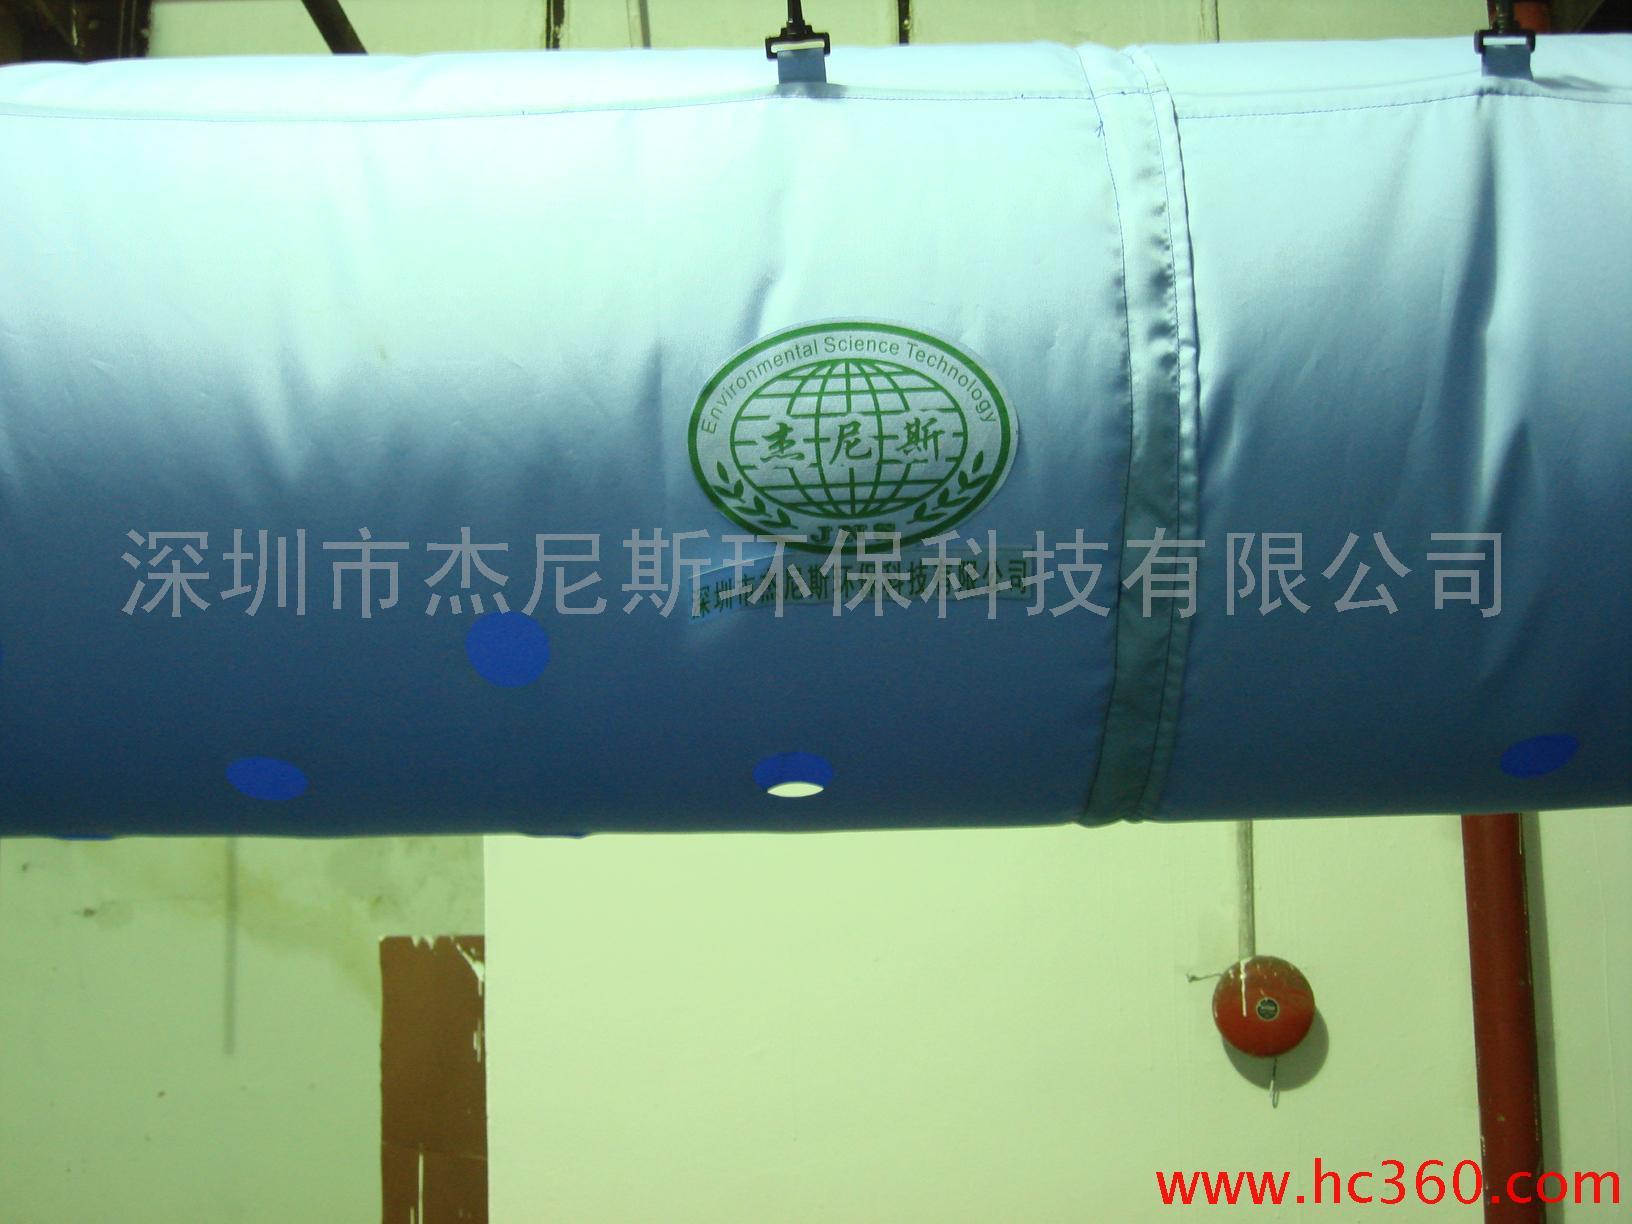 供应节能空调,制冷空调专用布质风管批发